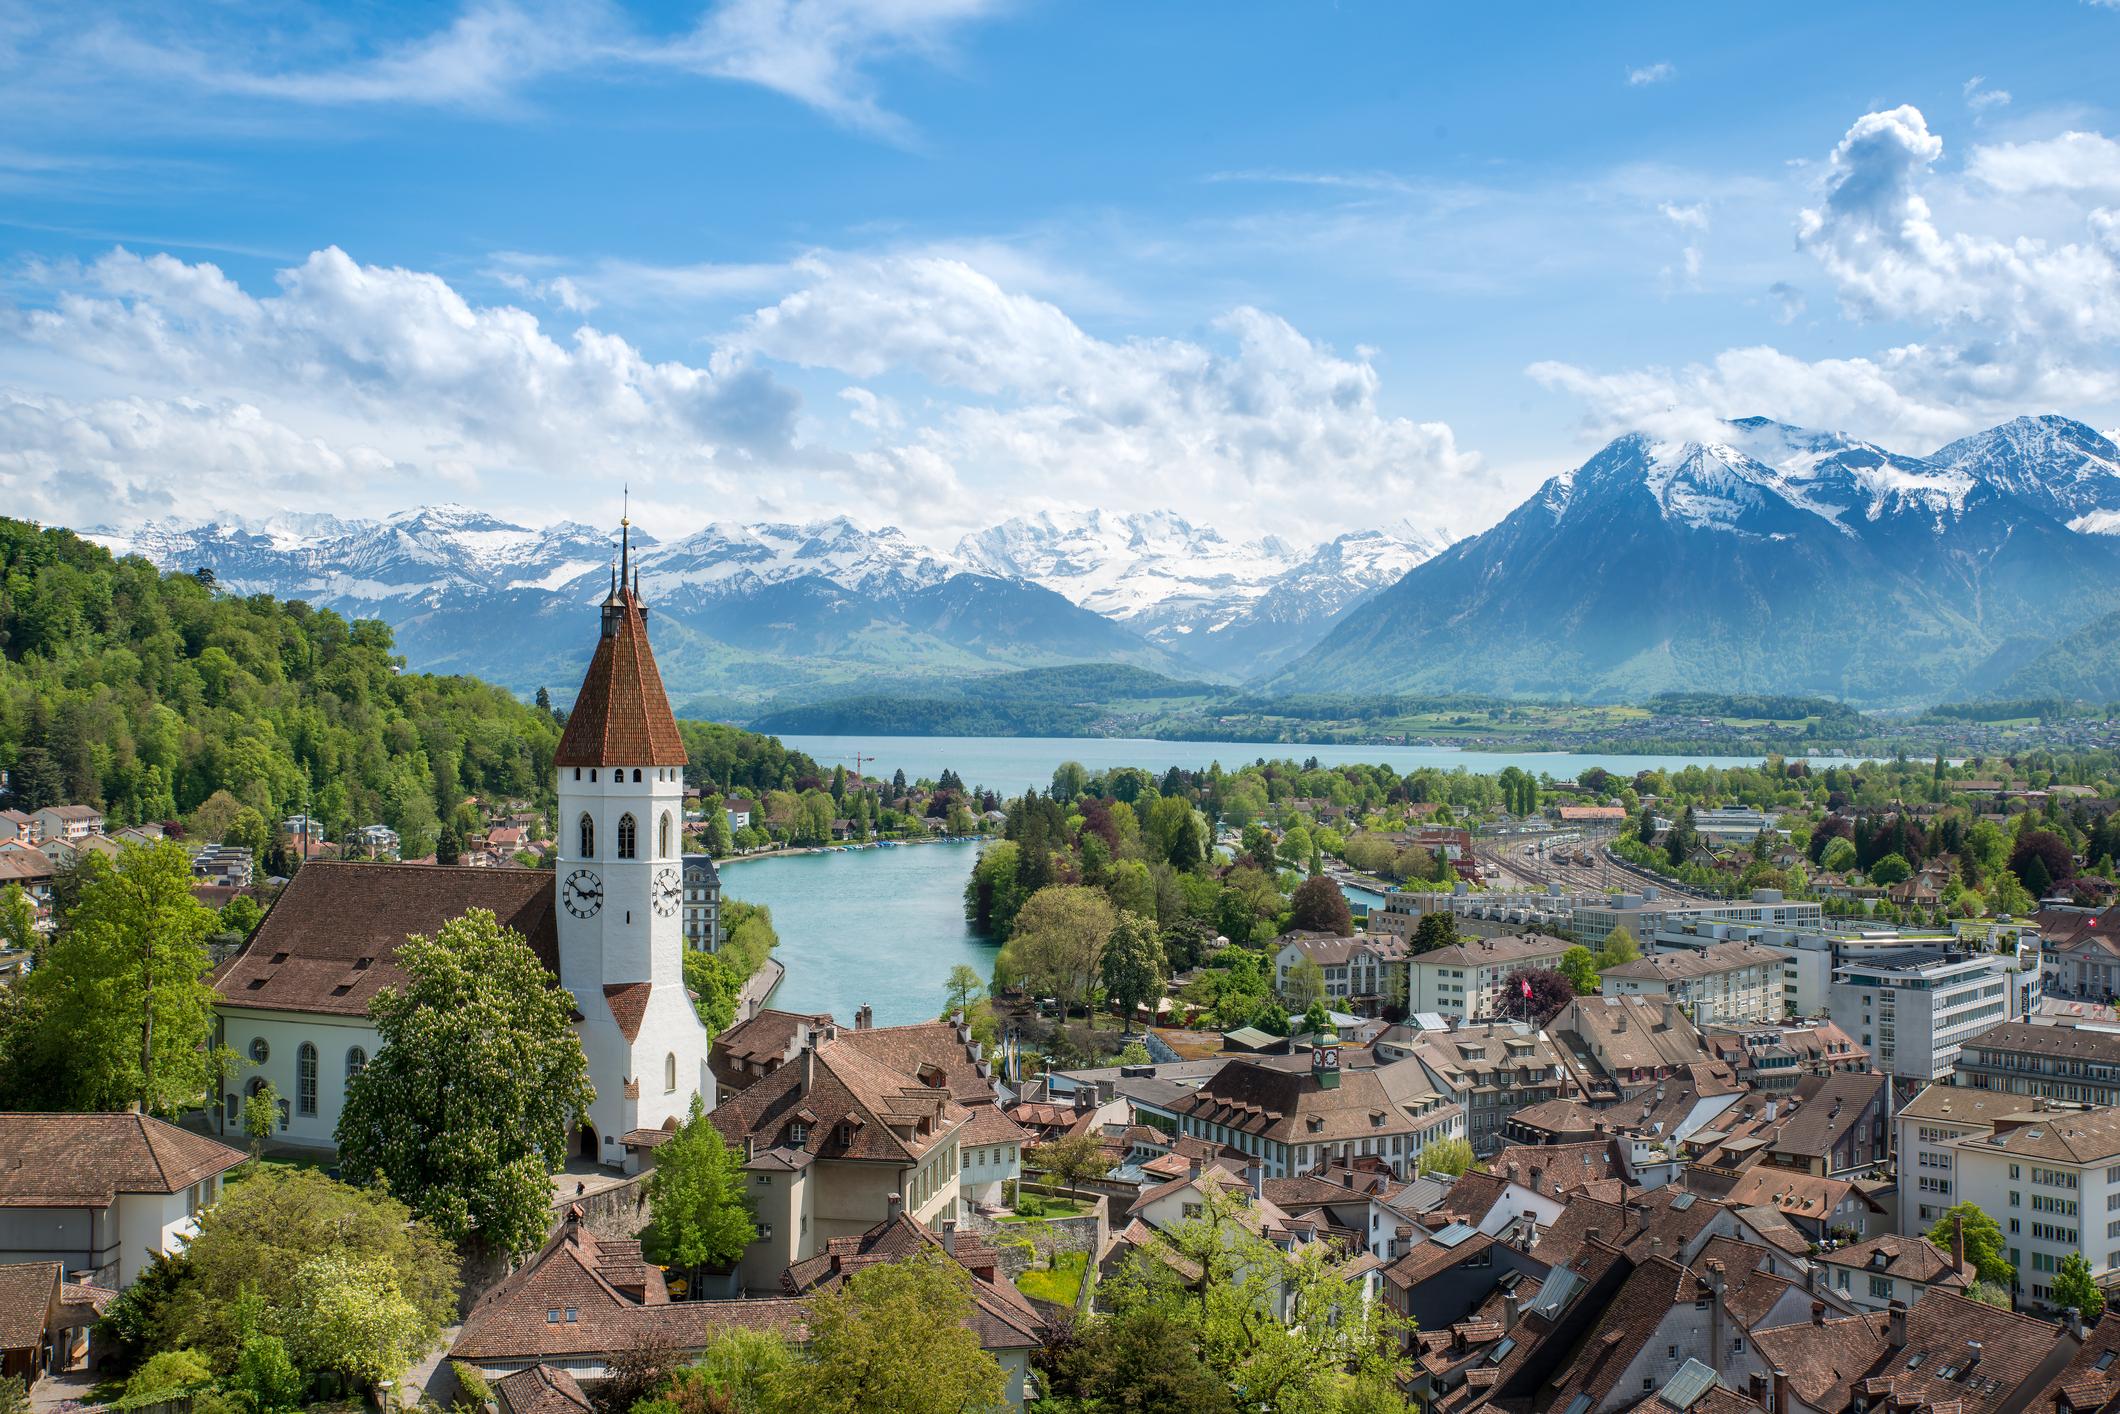 Verhuizen naar Zwitserland - KHZ regelt het